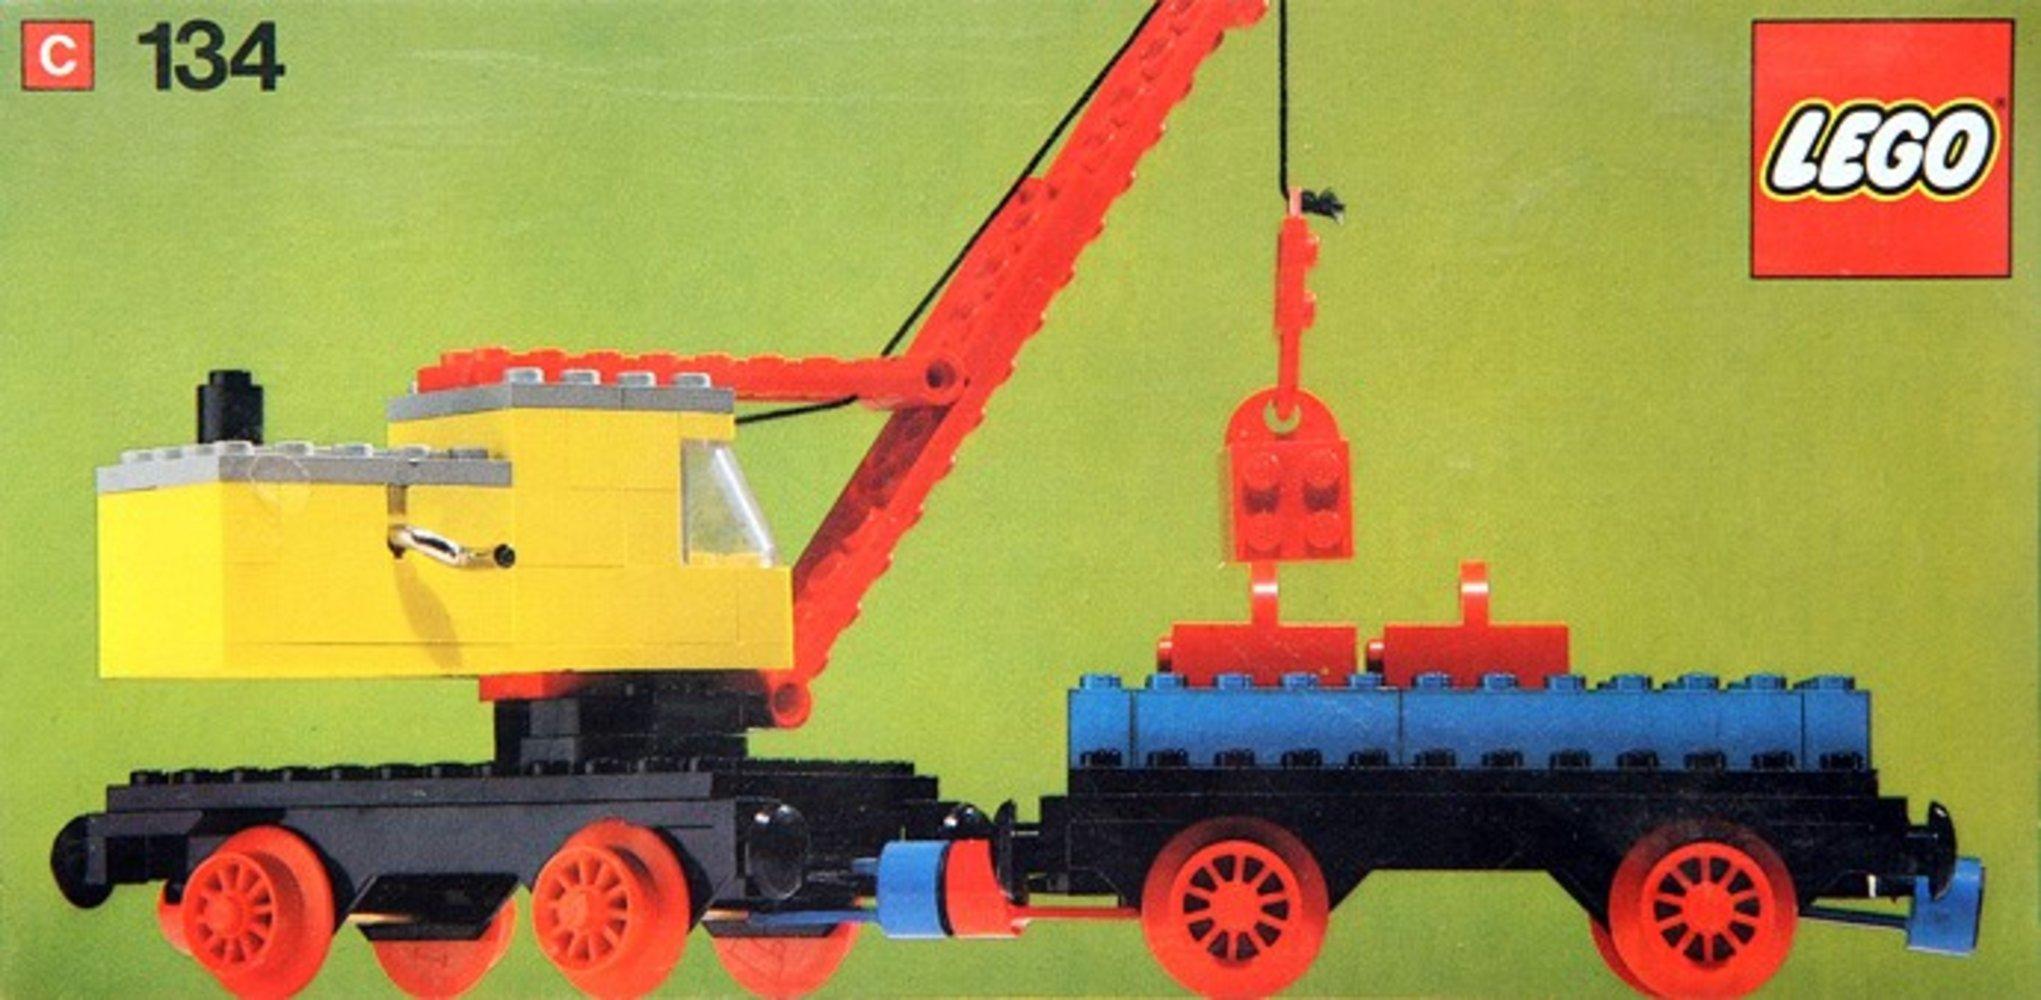 Mobile Crane and Wagon